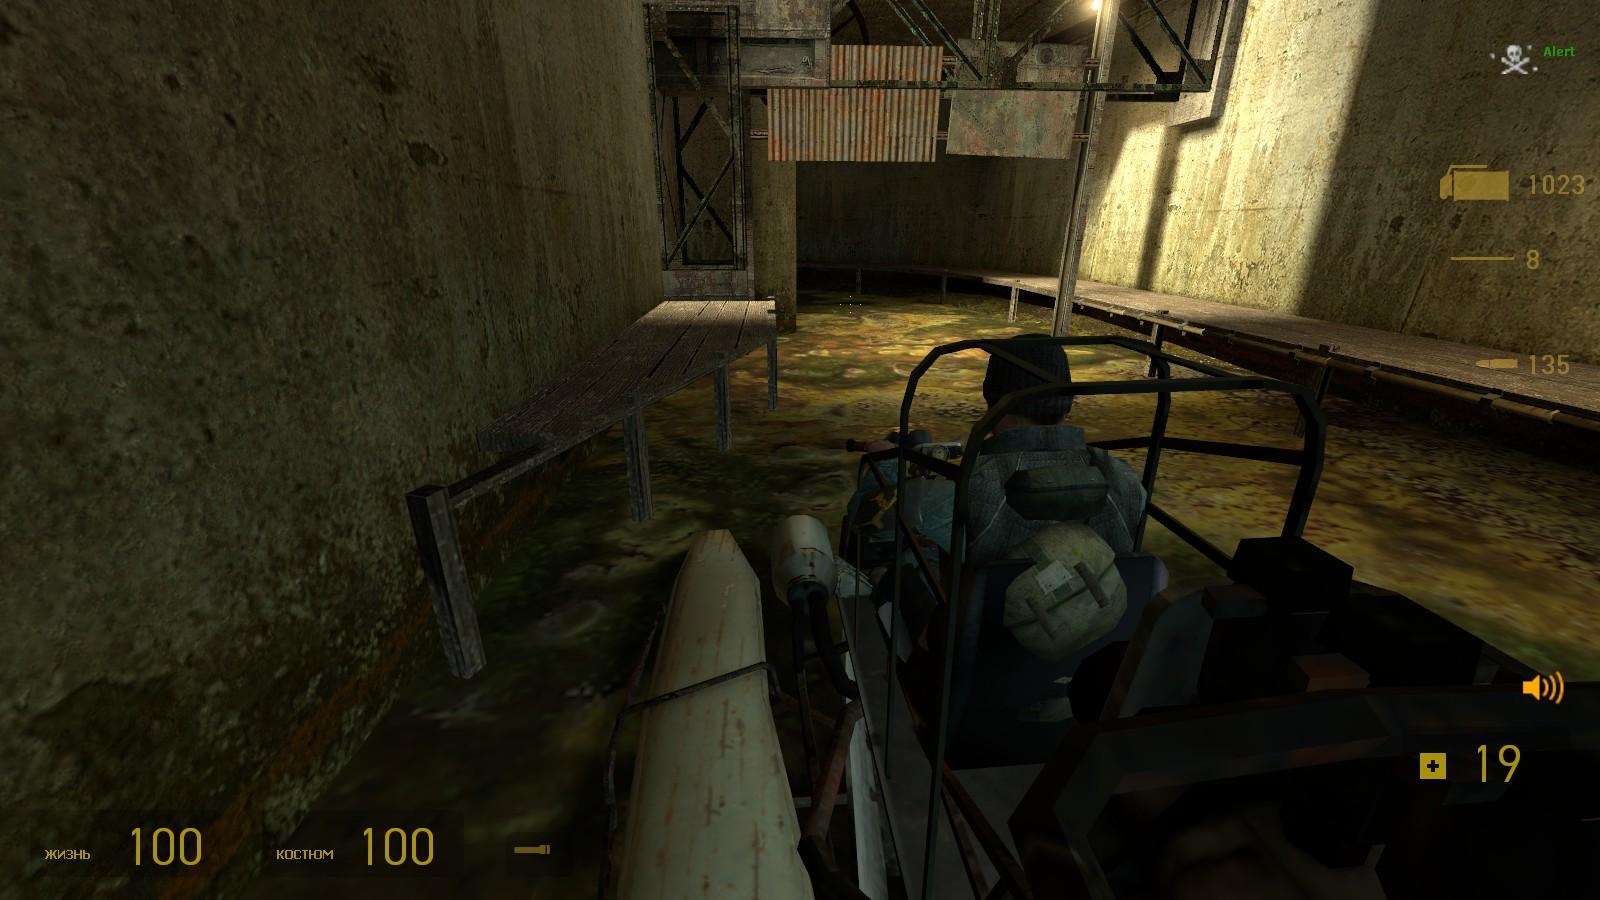 С Алерта выпало 1023 гранаты - Half-Life 2 Half-Life 2 bugs, Synergy